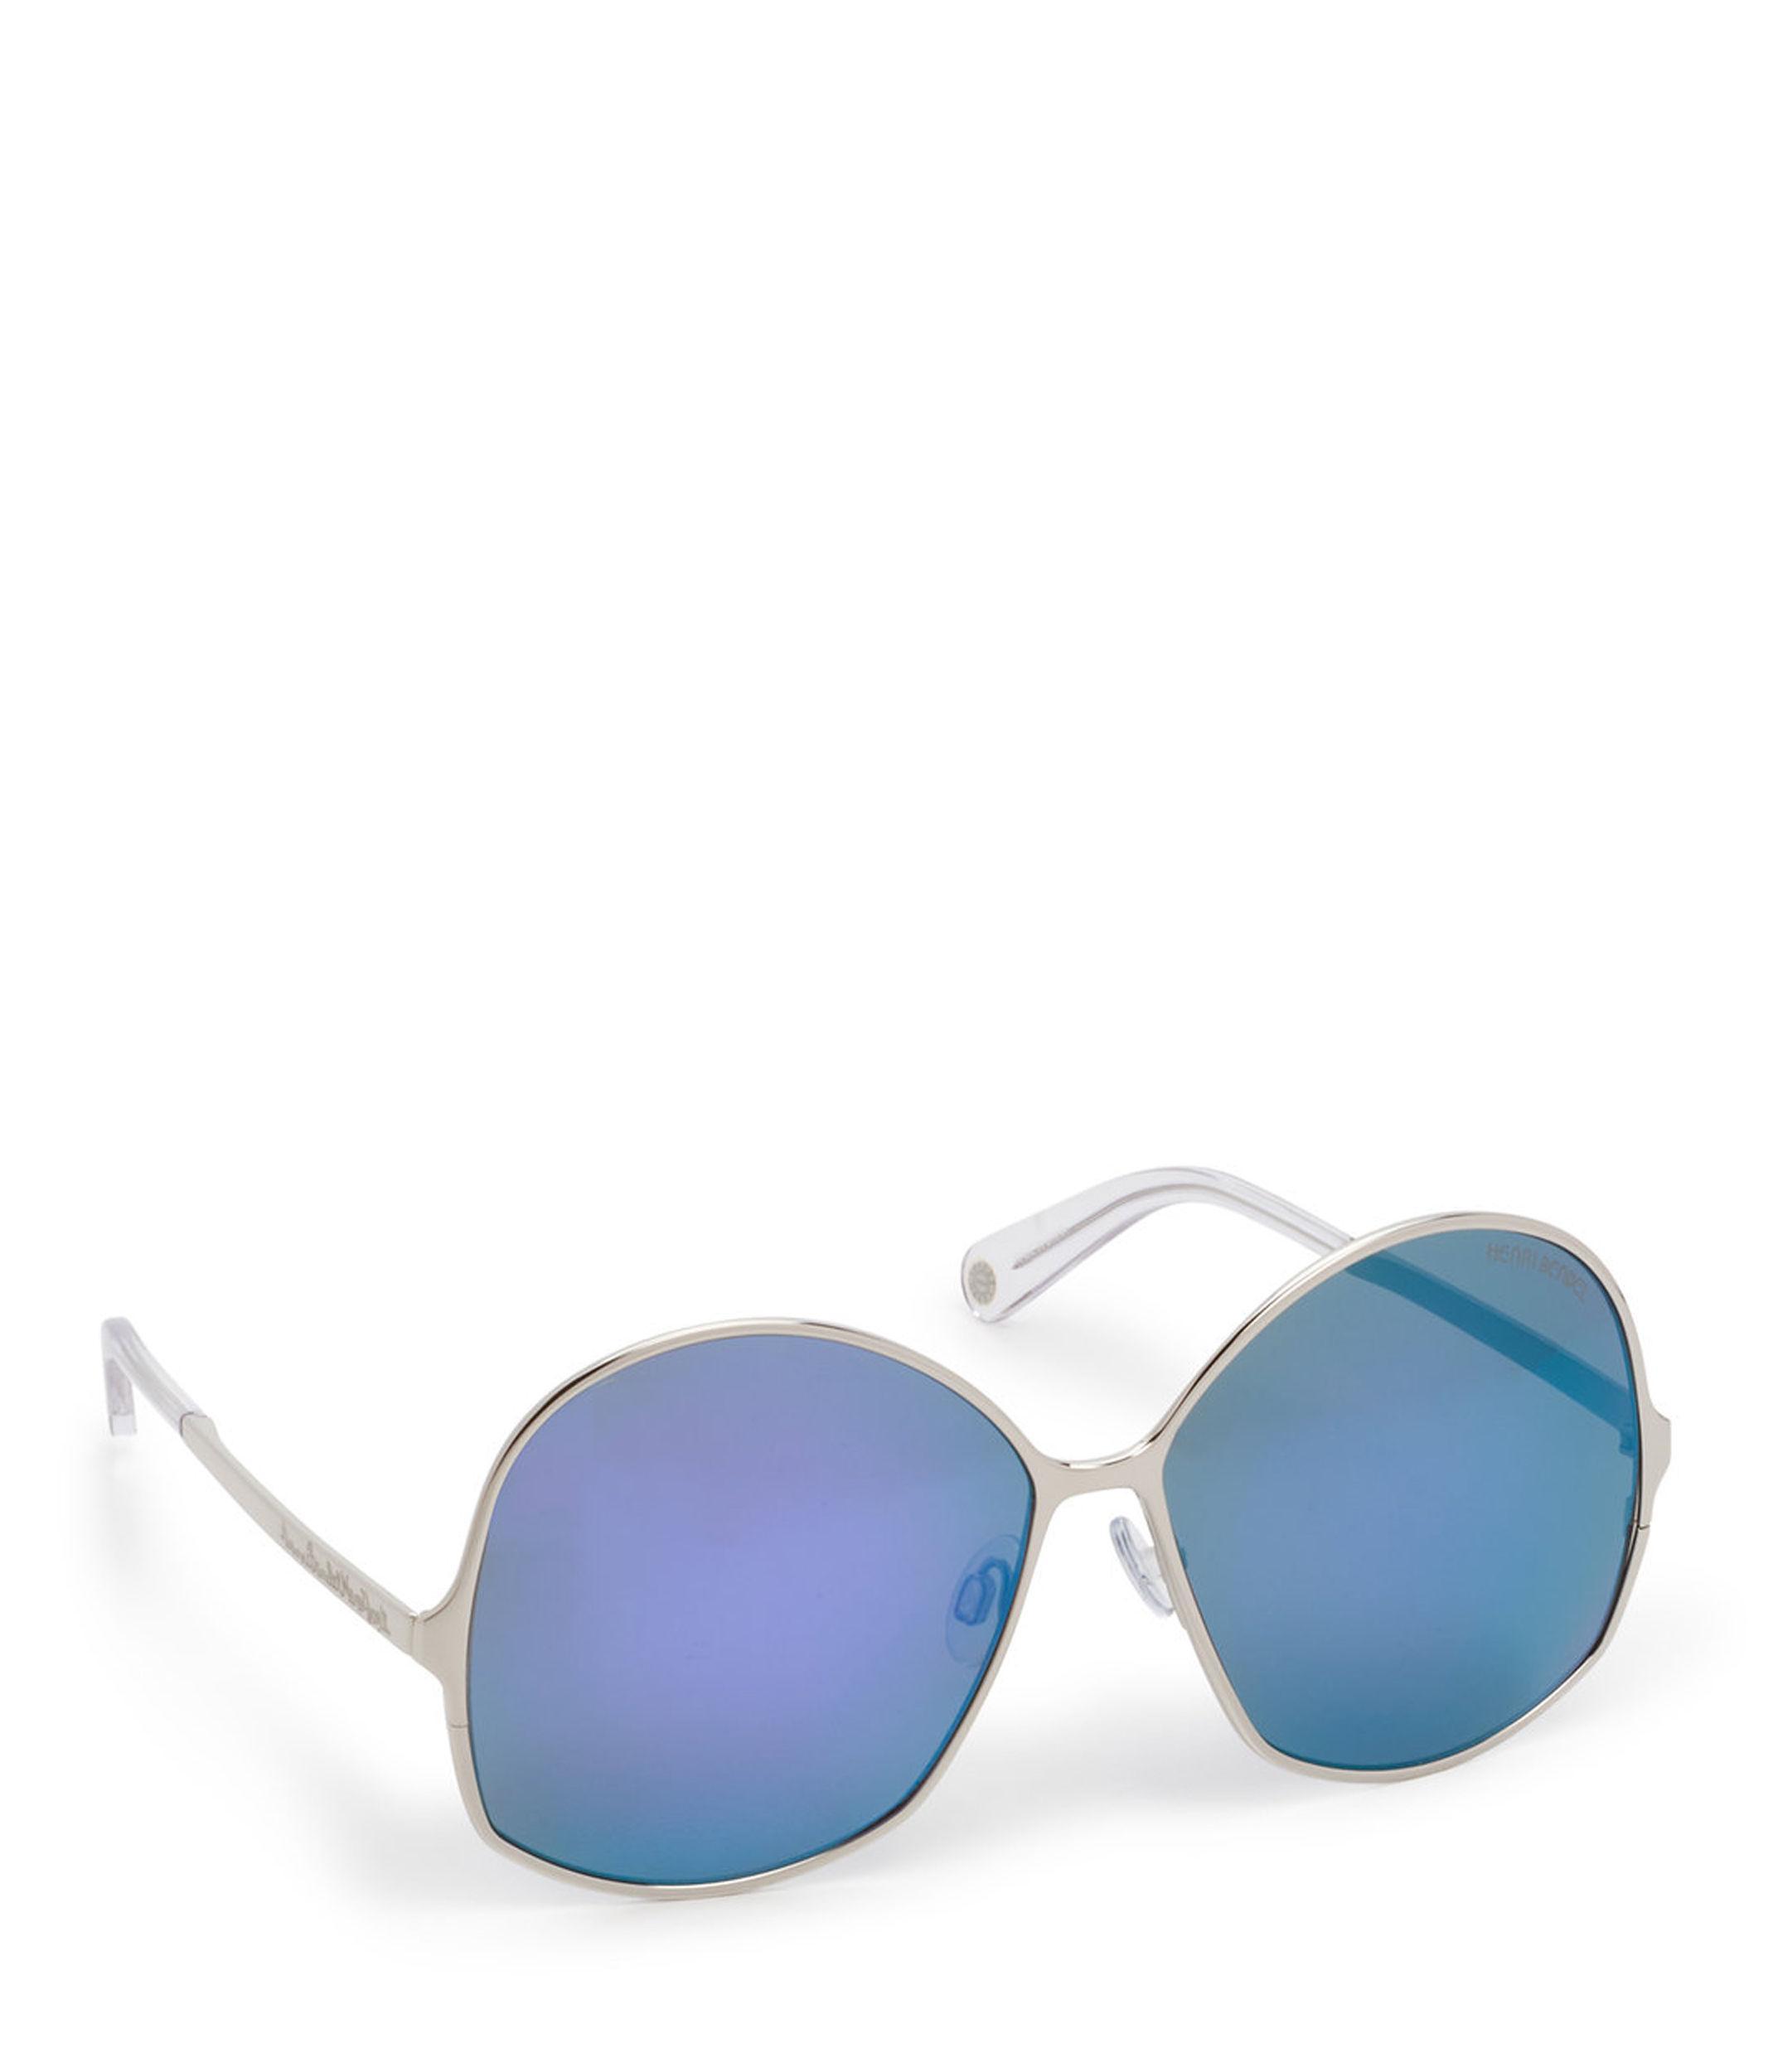 a117a70c39 Lyst - Henri Bendel Joan Square Sunglasses in Purple